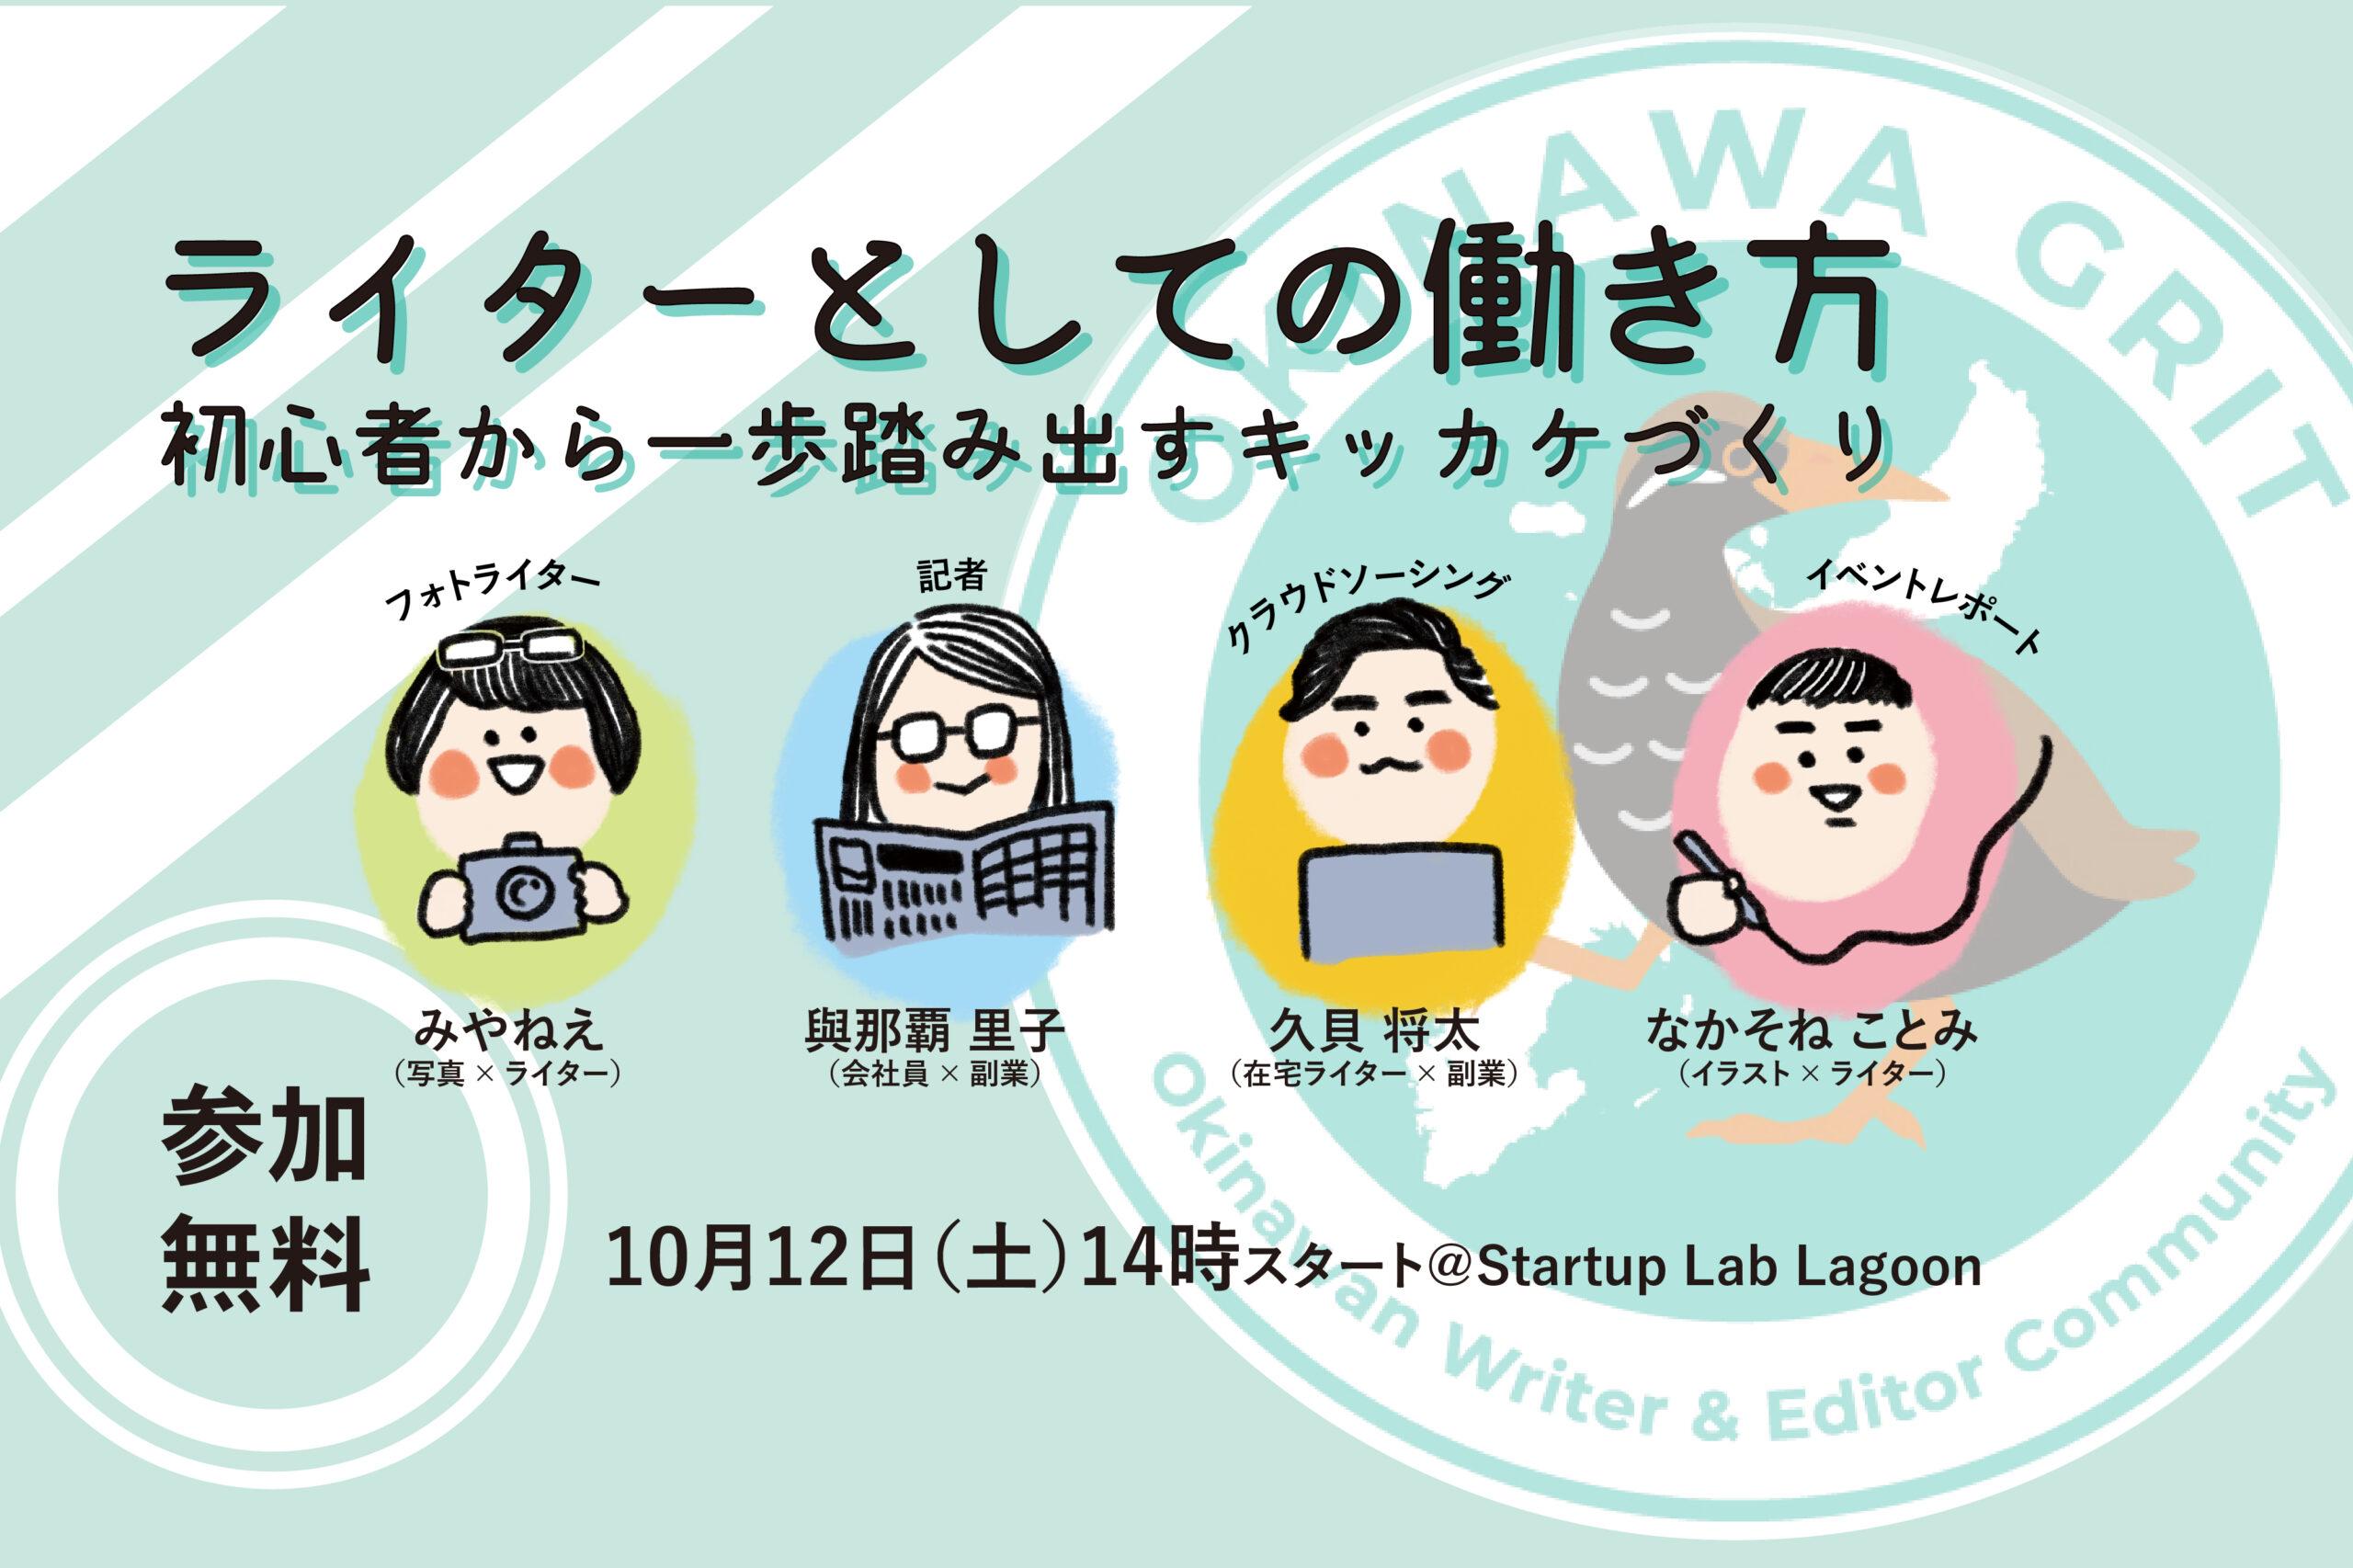 【無料】沖縄で開催!Webライター講座の説明会「ライターとしての働き方。初心者が一歩踏み出すキッカケづくり Vol.1」